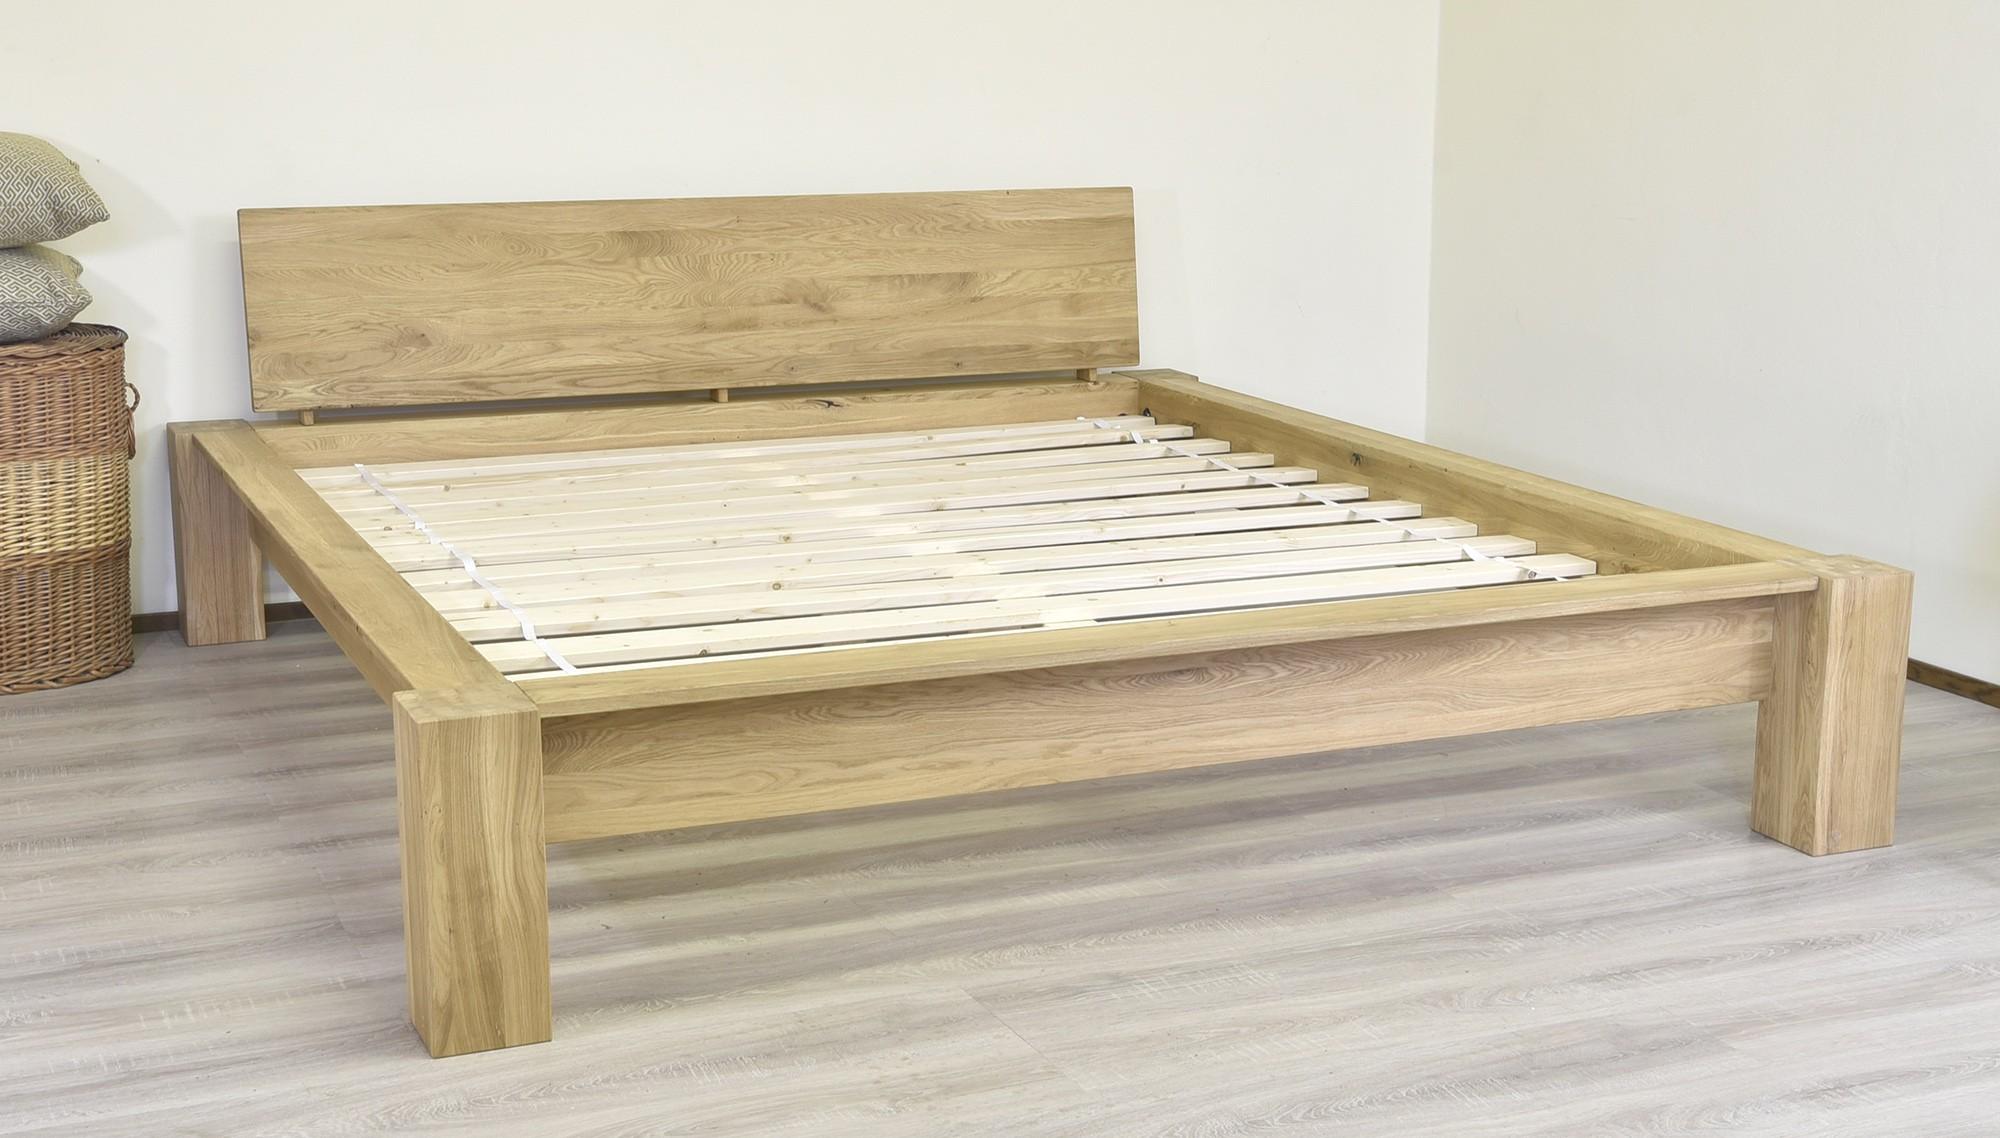 fc1d537e691f0 Drevená postel dub masív · Dubová posteľ masív 180 x 200 Toscany ...